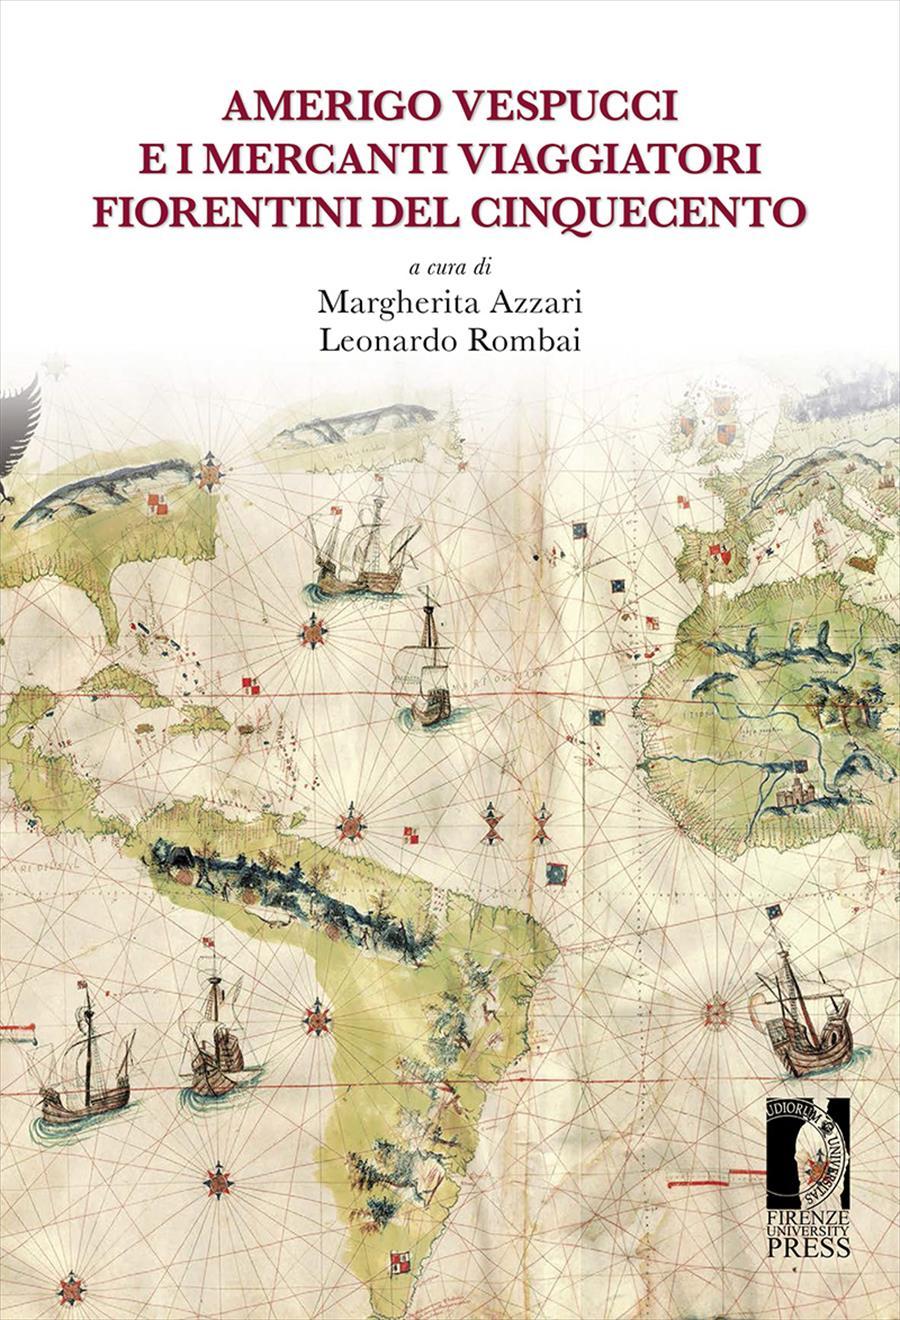 Amerigo Vespucci e i mercanti viaggiatori fiorentini del Cinquecento